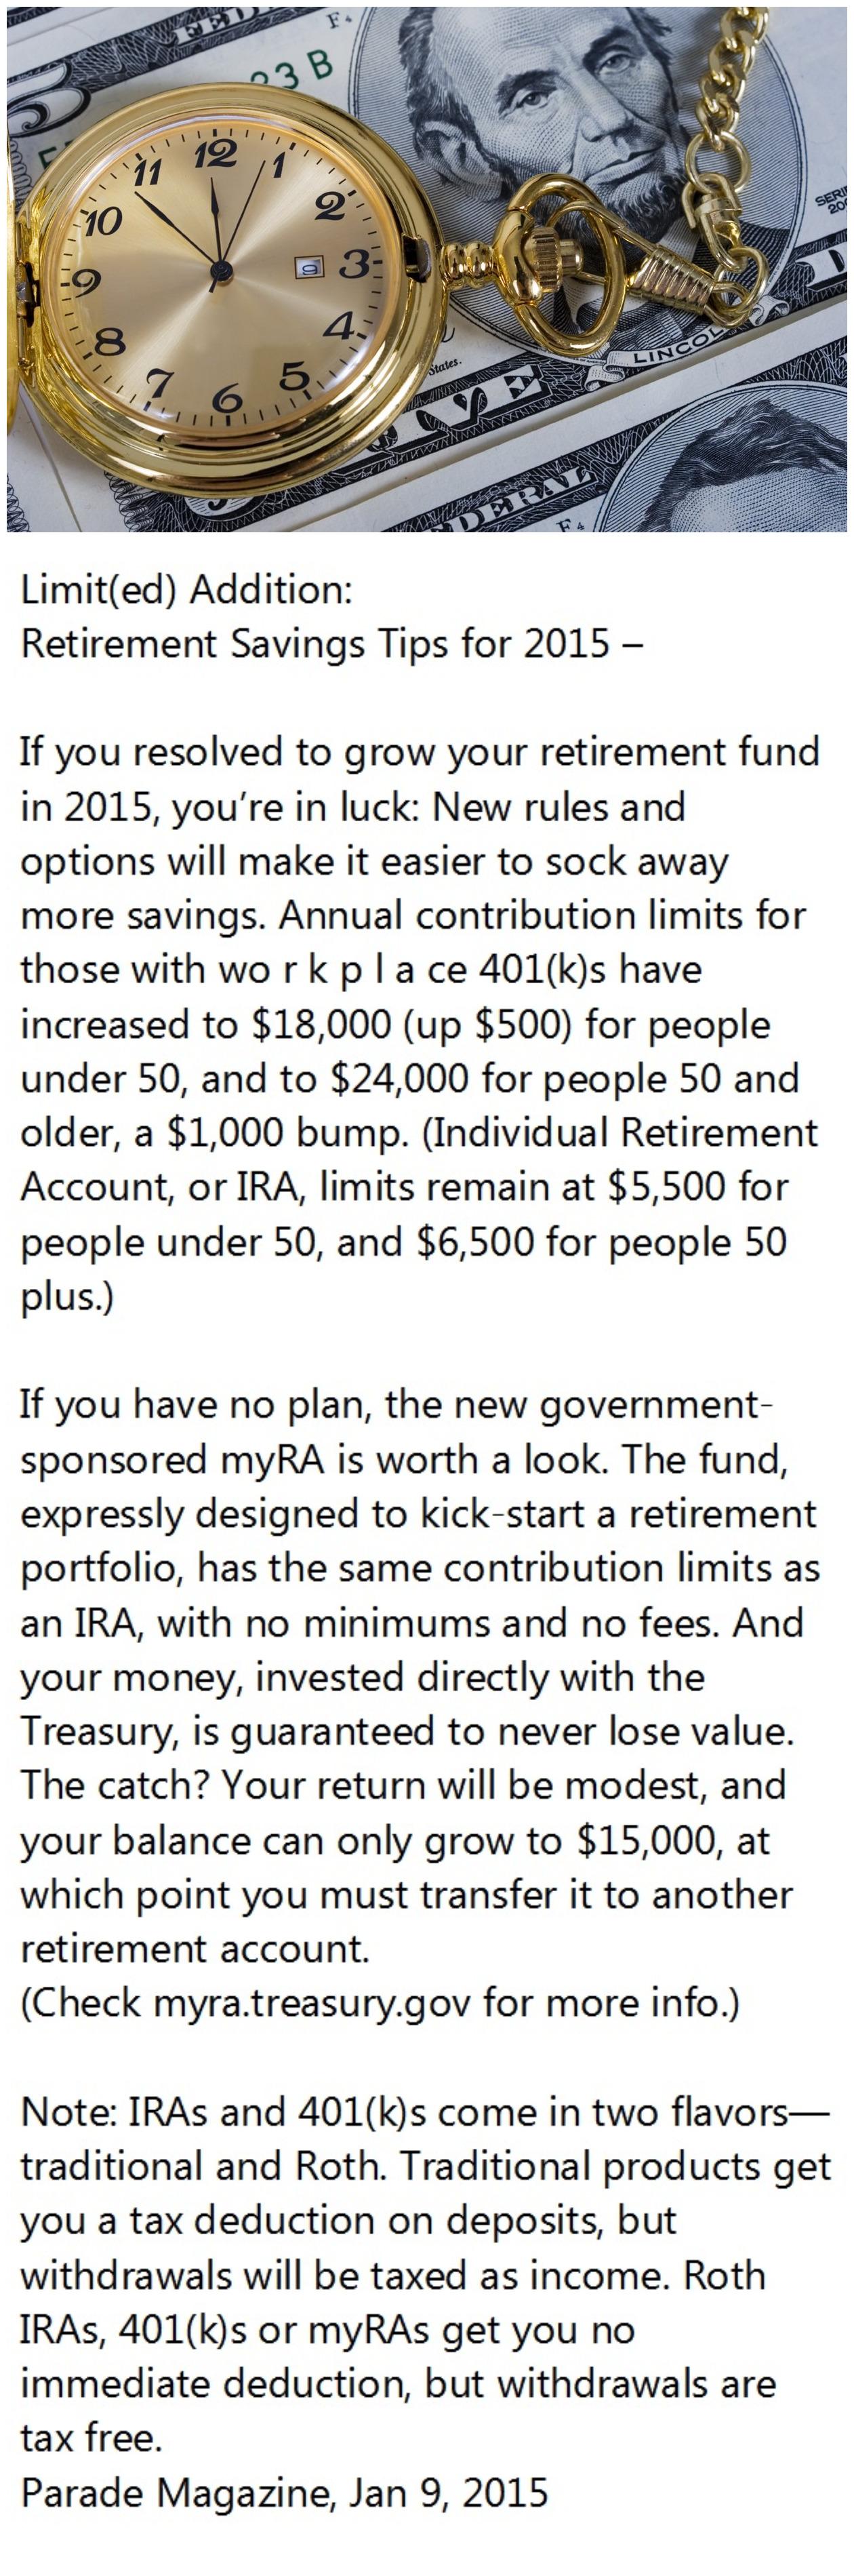 Retirement Savings Tips for 2015